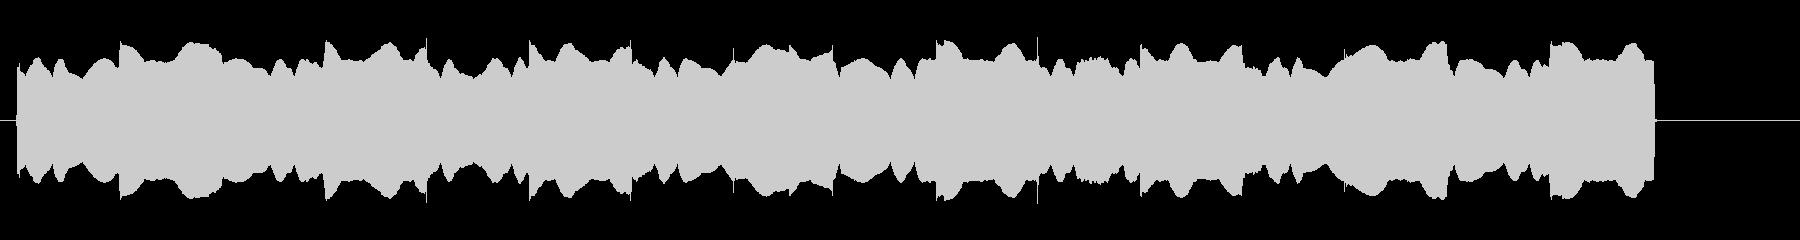 KANTチープサイレン011046の未再生の波形